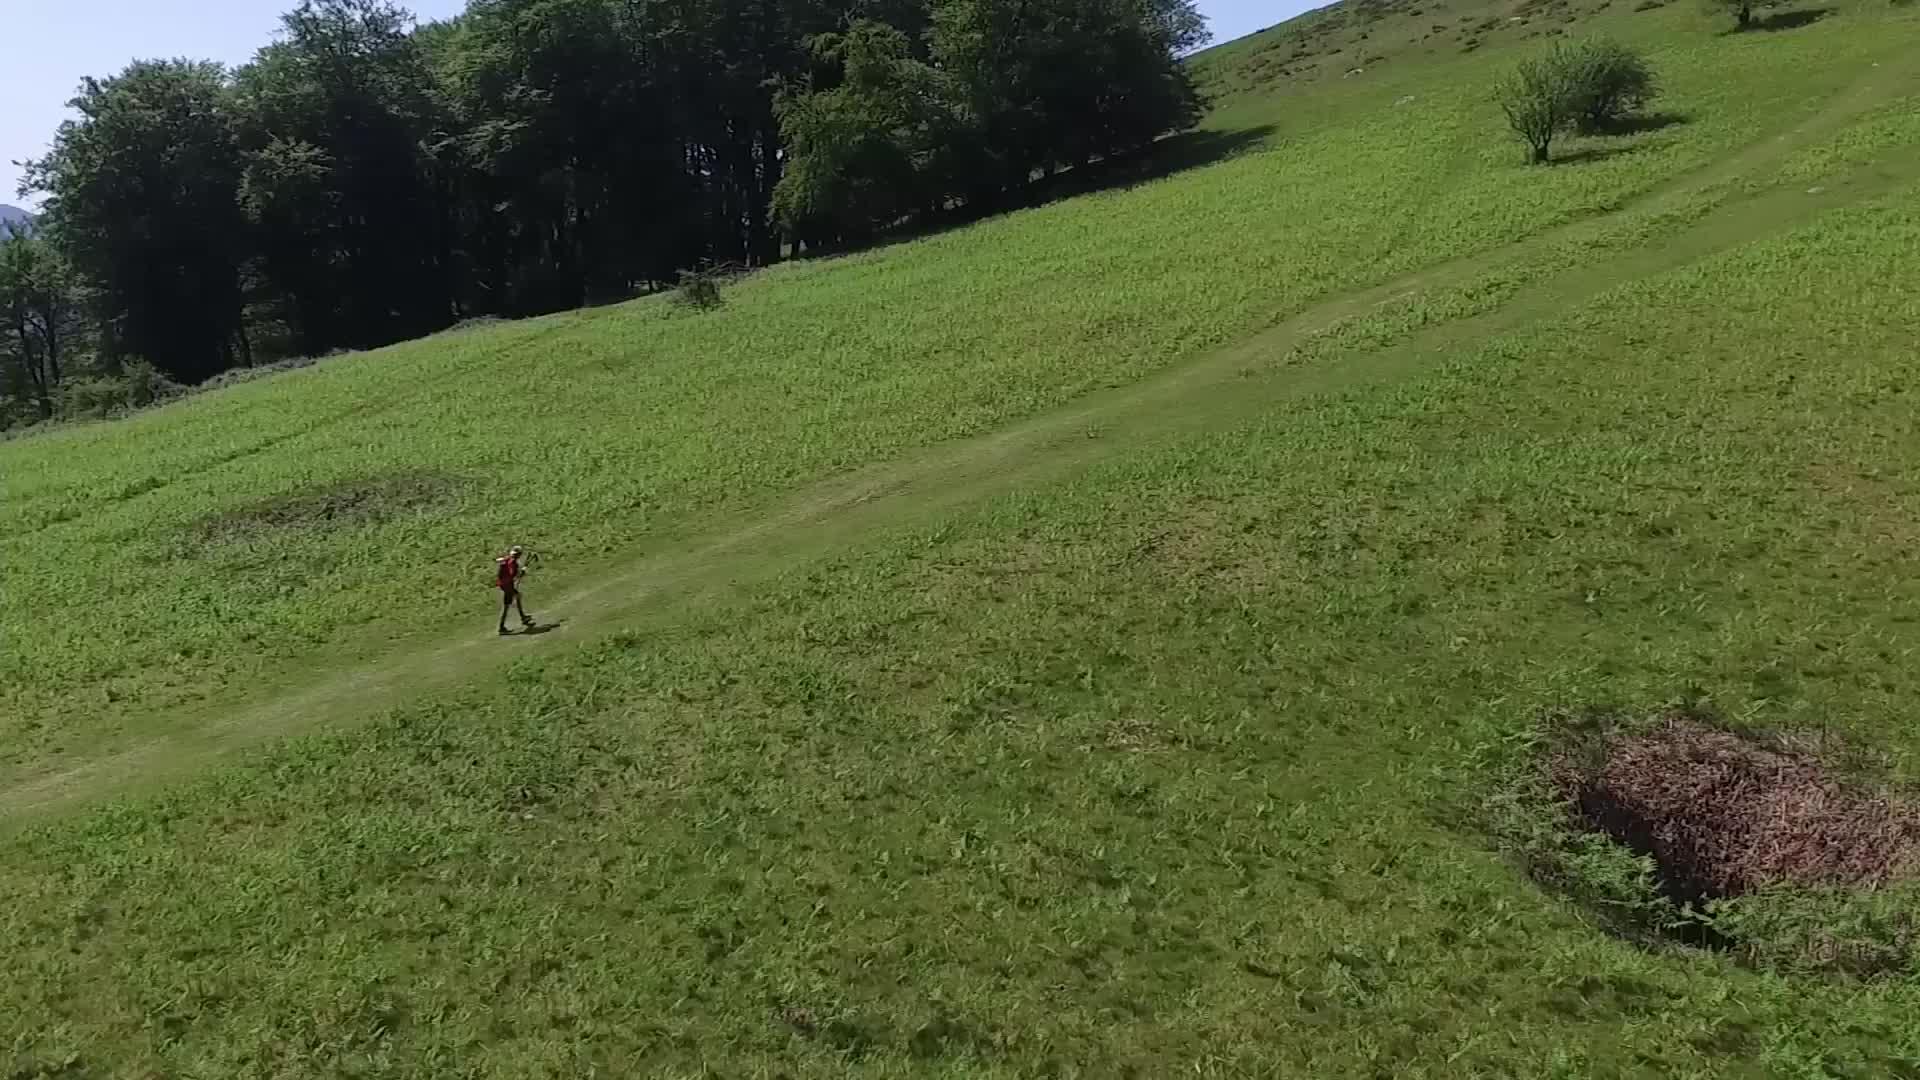 Euskal trail 2017: korrikalari batzuen lekukotasuna mendian gaindi